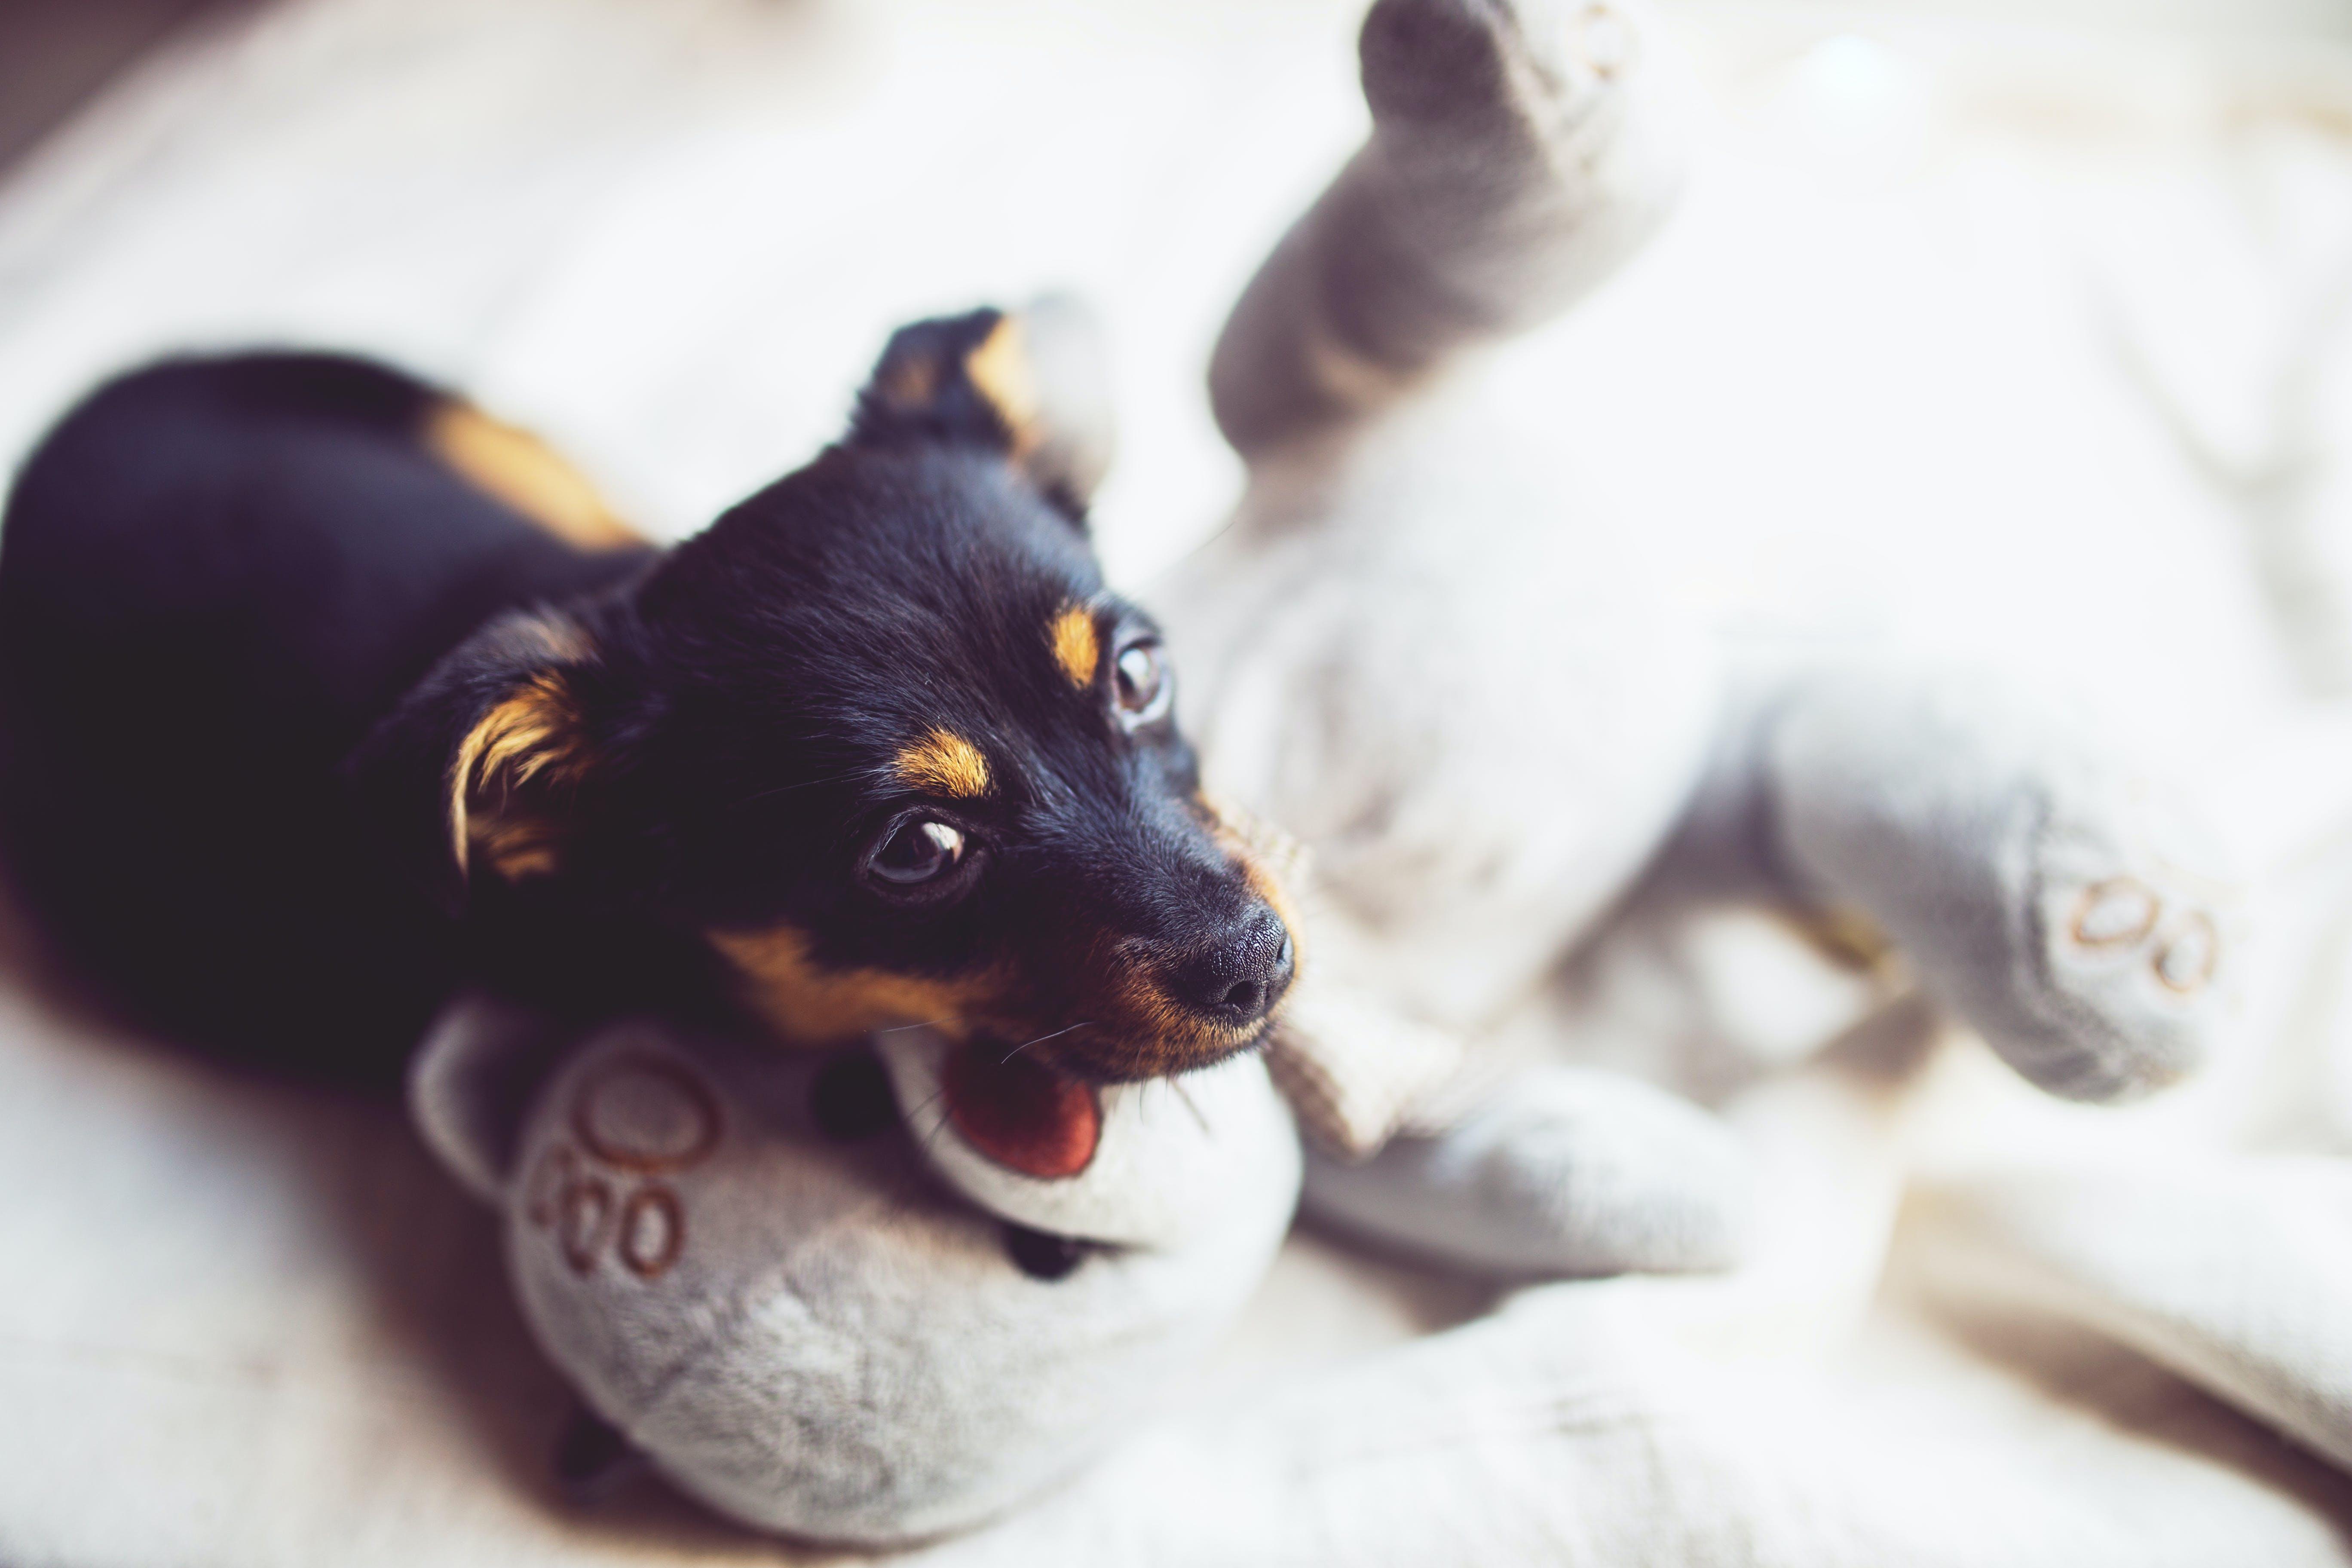 Puppy with teddy bear